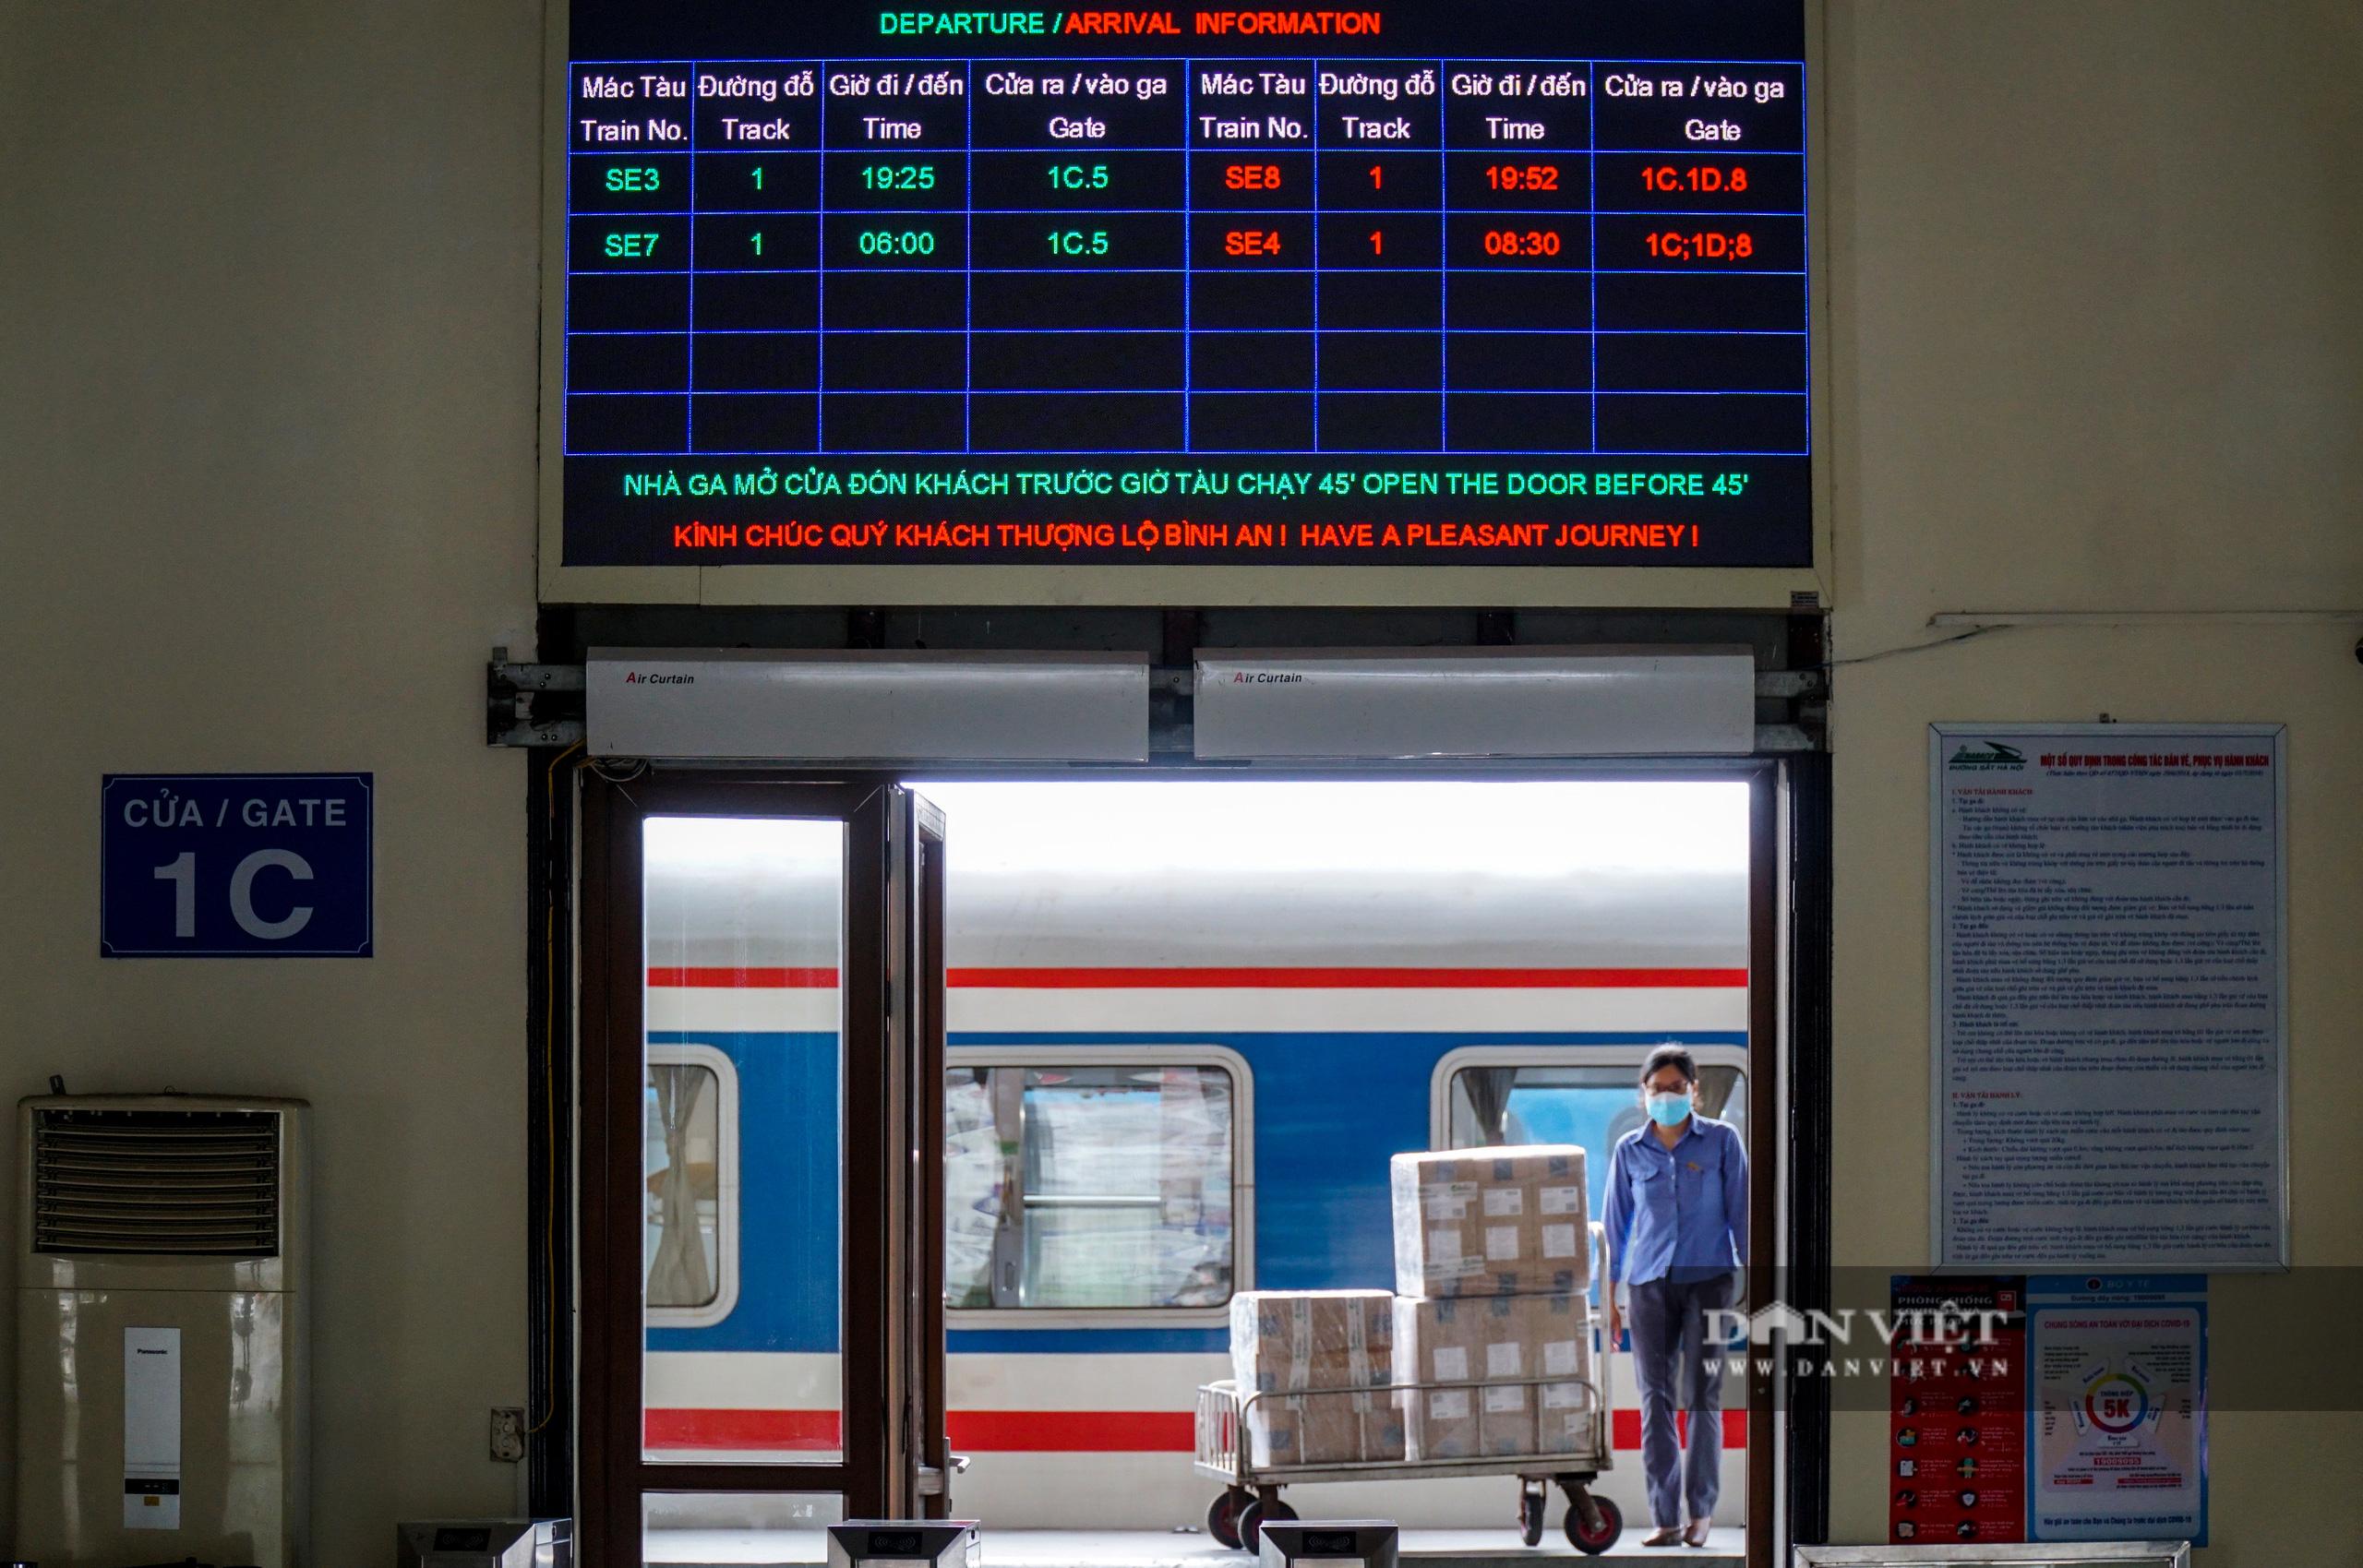 Bến xe ế ẩm khách di chuyển, ga tàu vắng hoe vì Covid-19 - Ảnh 6.